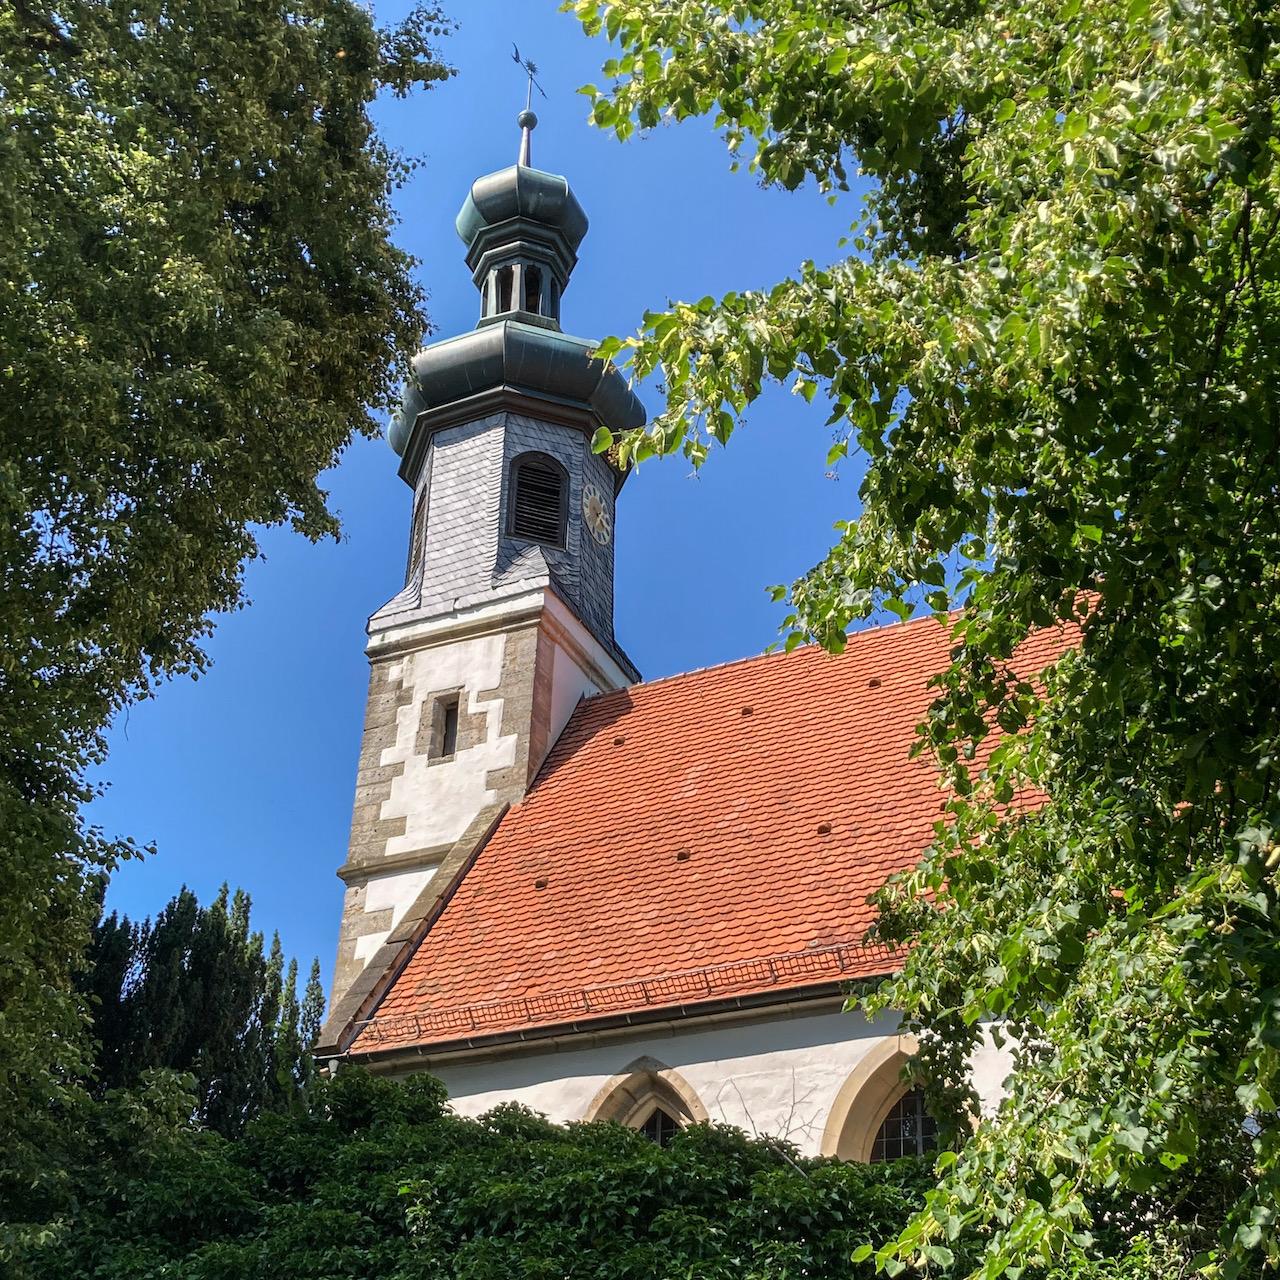 Blick auf den Turm von Süden